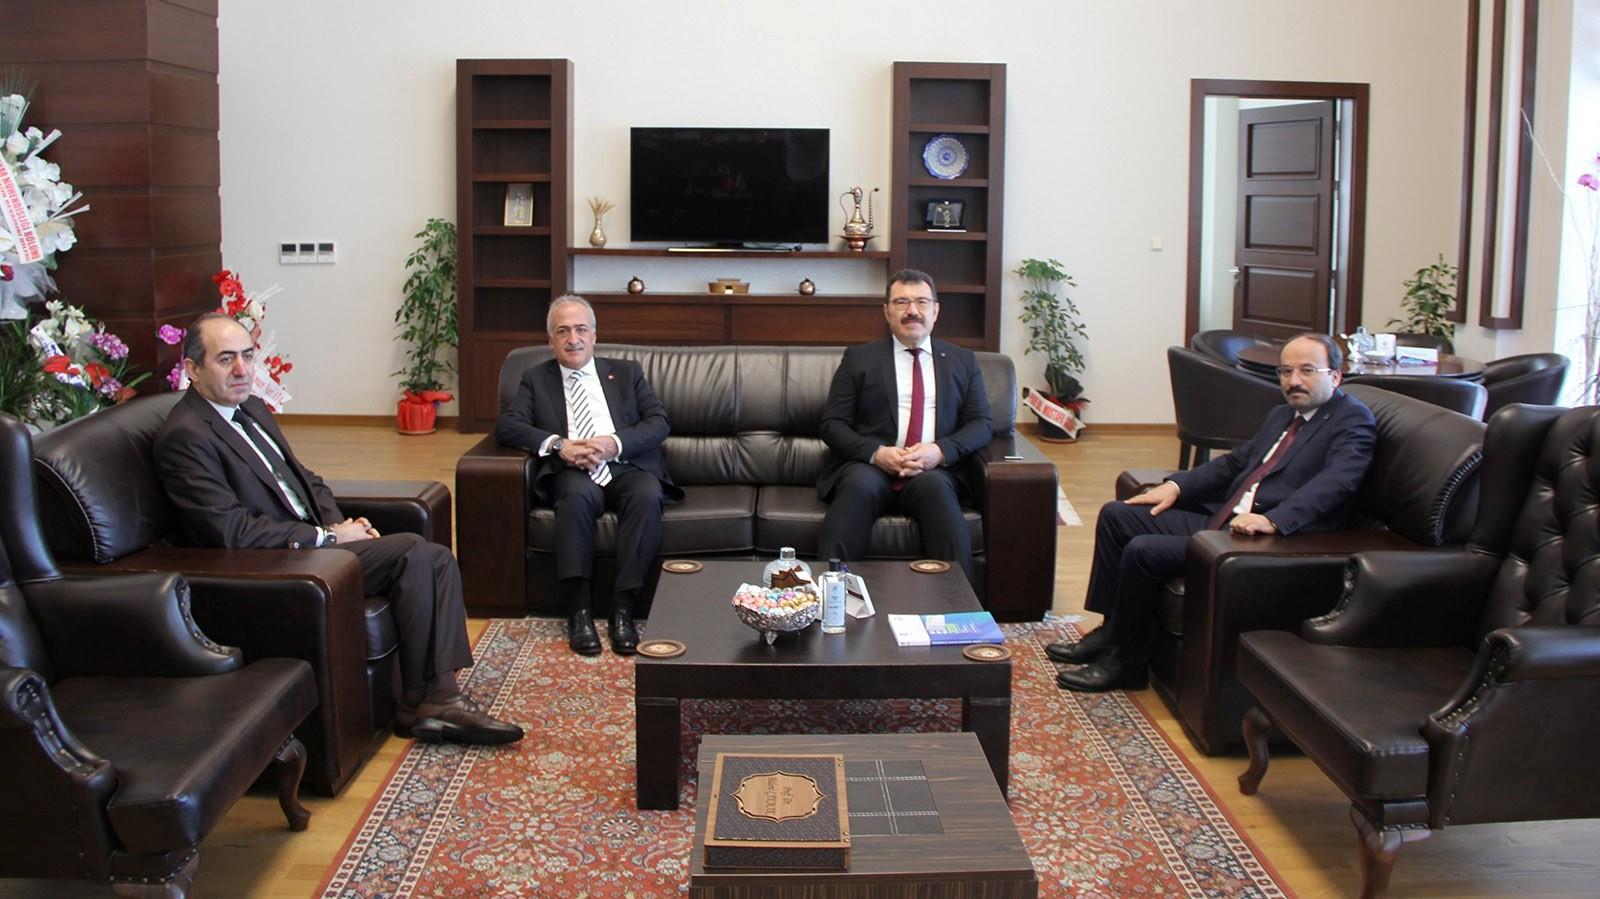 TÜBİTAK Başkanı Prof. Dr. Mandal'dan ETÜ Rektörü Prof.Dr. Çakmak'a ziyaret